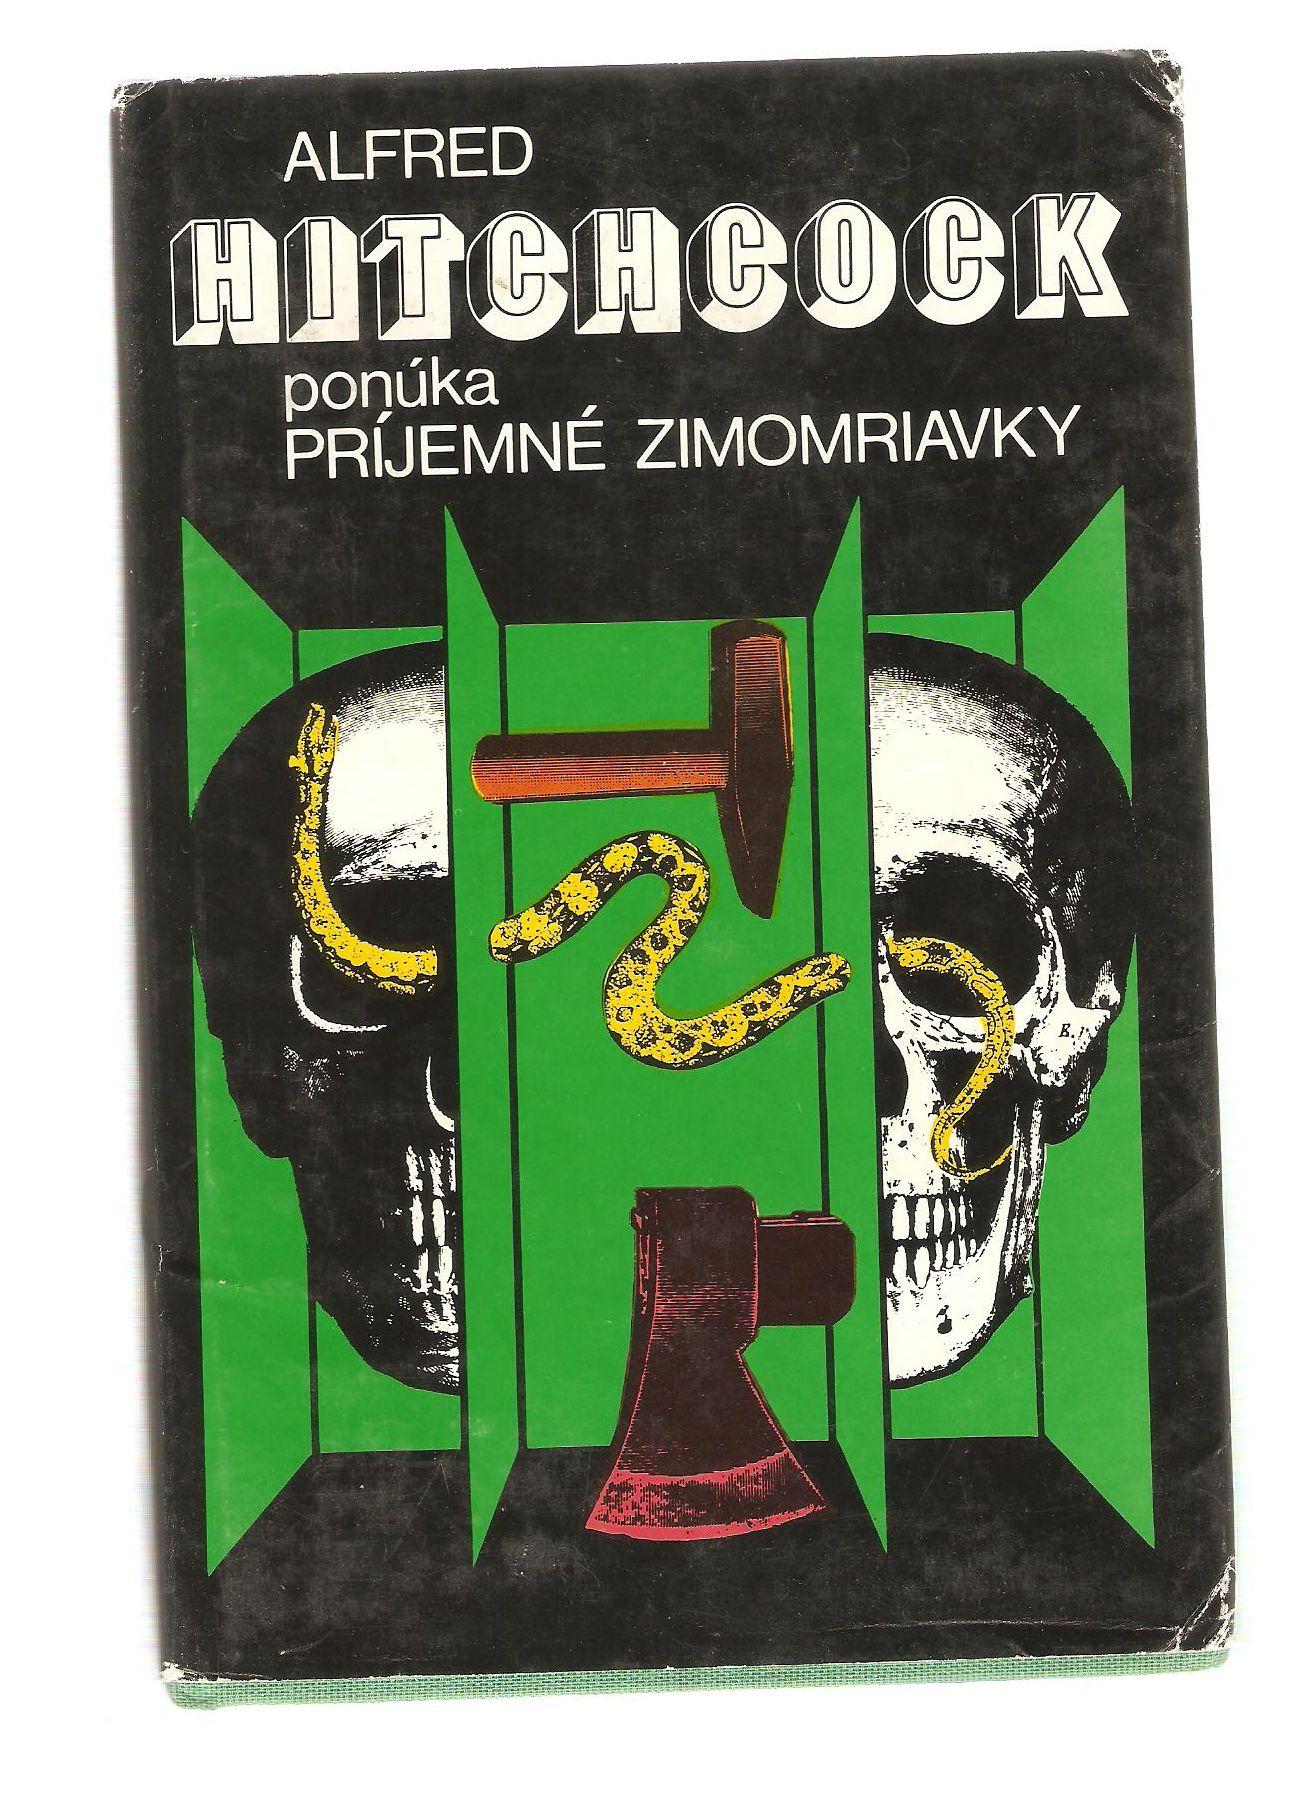 Ponúka príjemné zimomriavky - Alfred Hitchcock (slovensky)